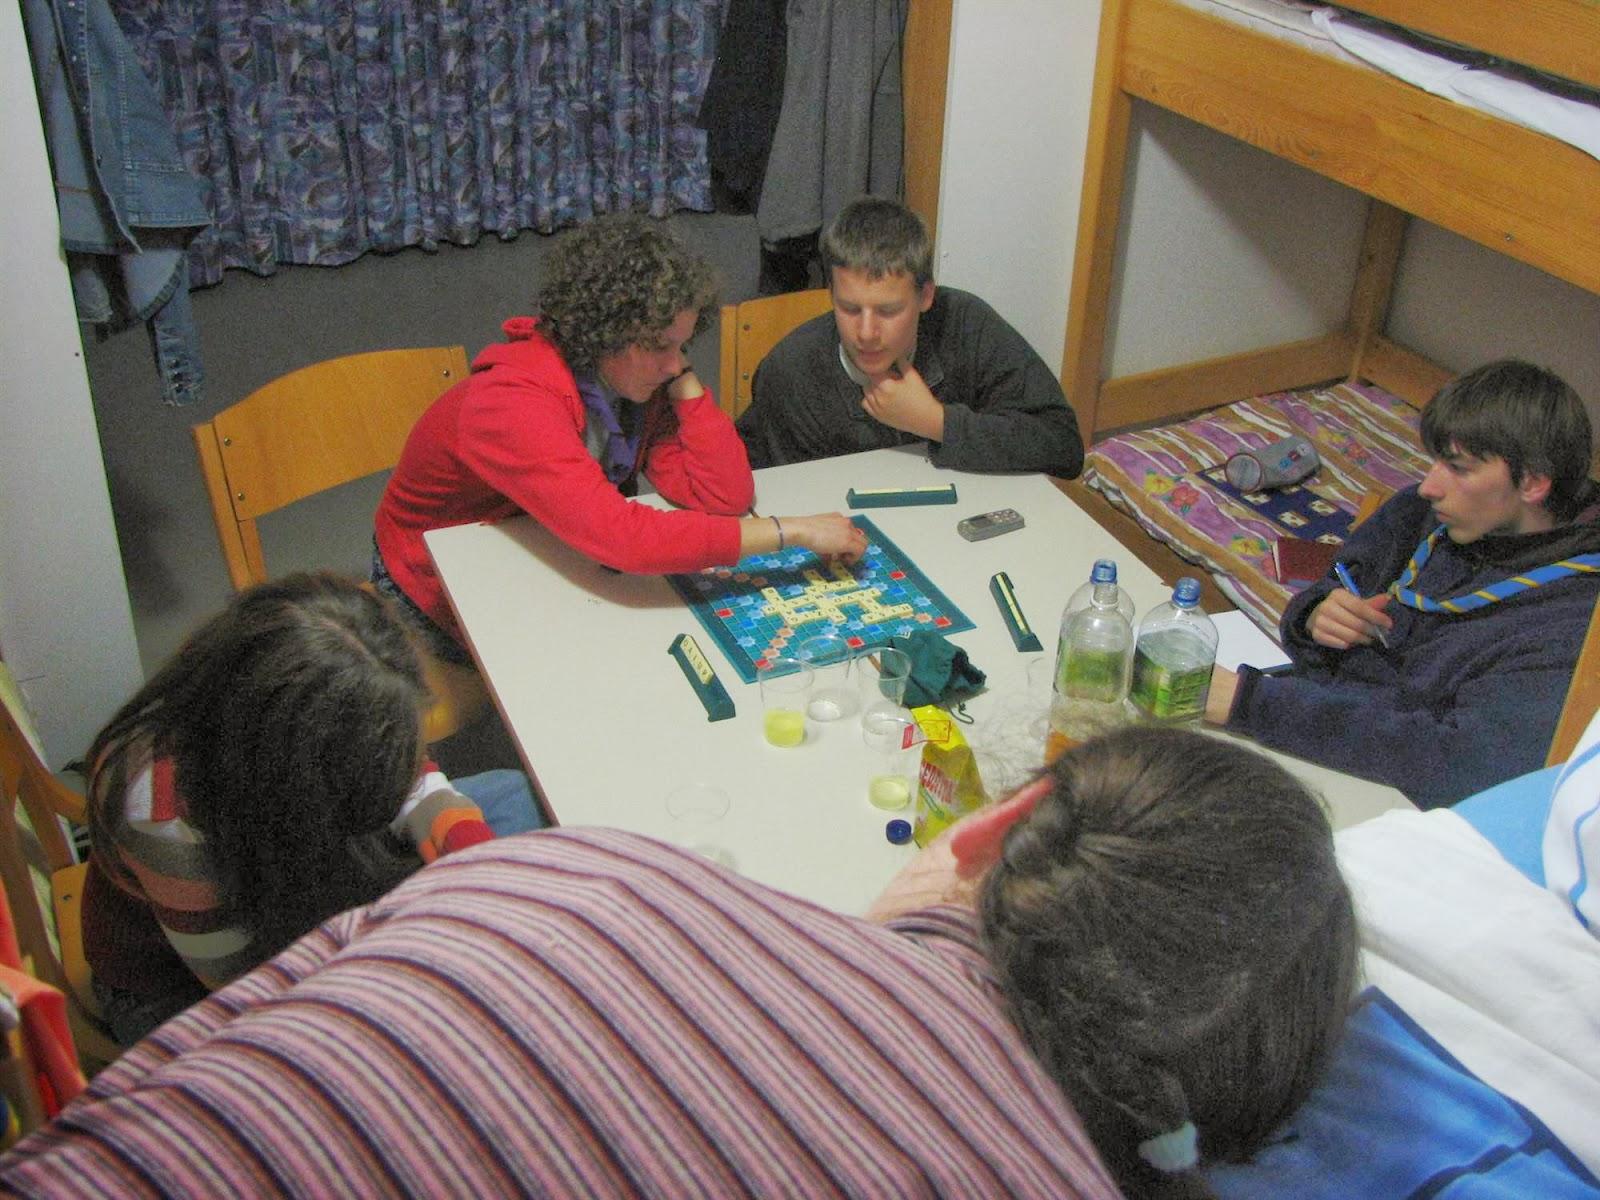 Motivacijski vikend, Lucija 2006 - motivacijski06%2B014.jpg